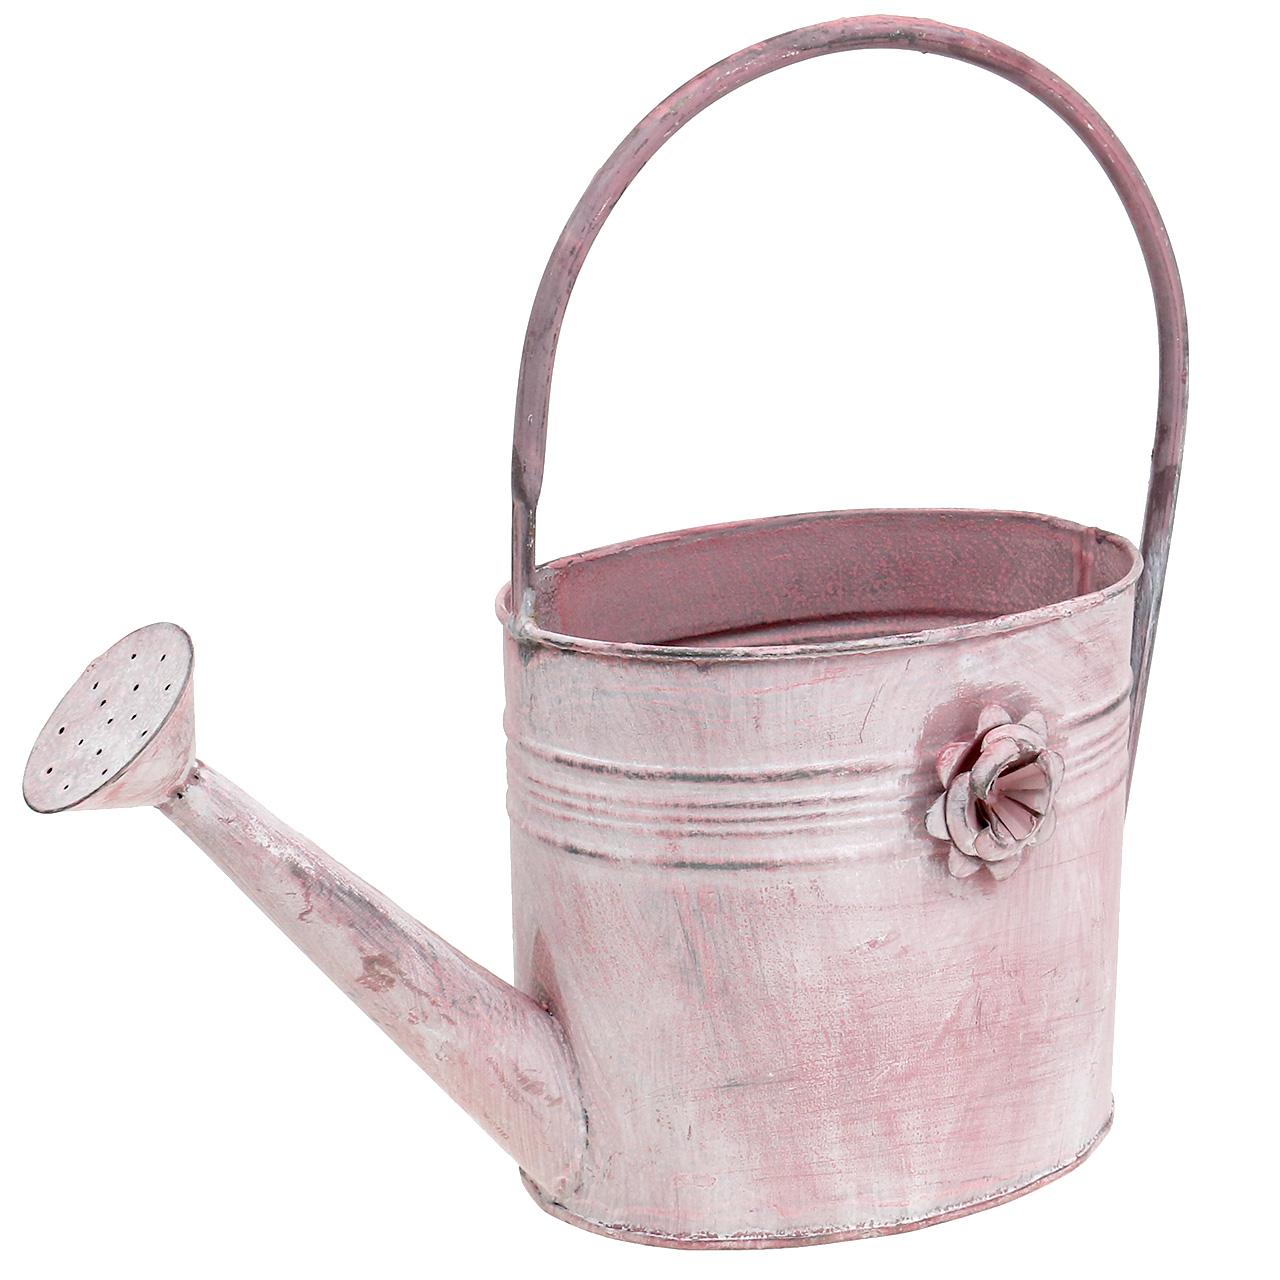 deko gie kanne aus metall rosa l33cm b12cm h29cm kaufen in schweiz. Black Bedroom Furniture Sets. Home Design Ideas